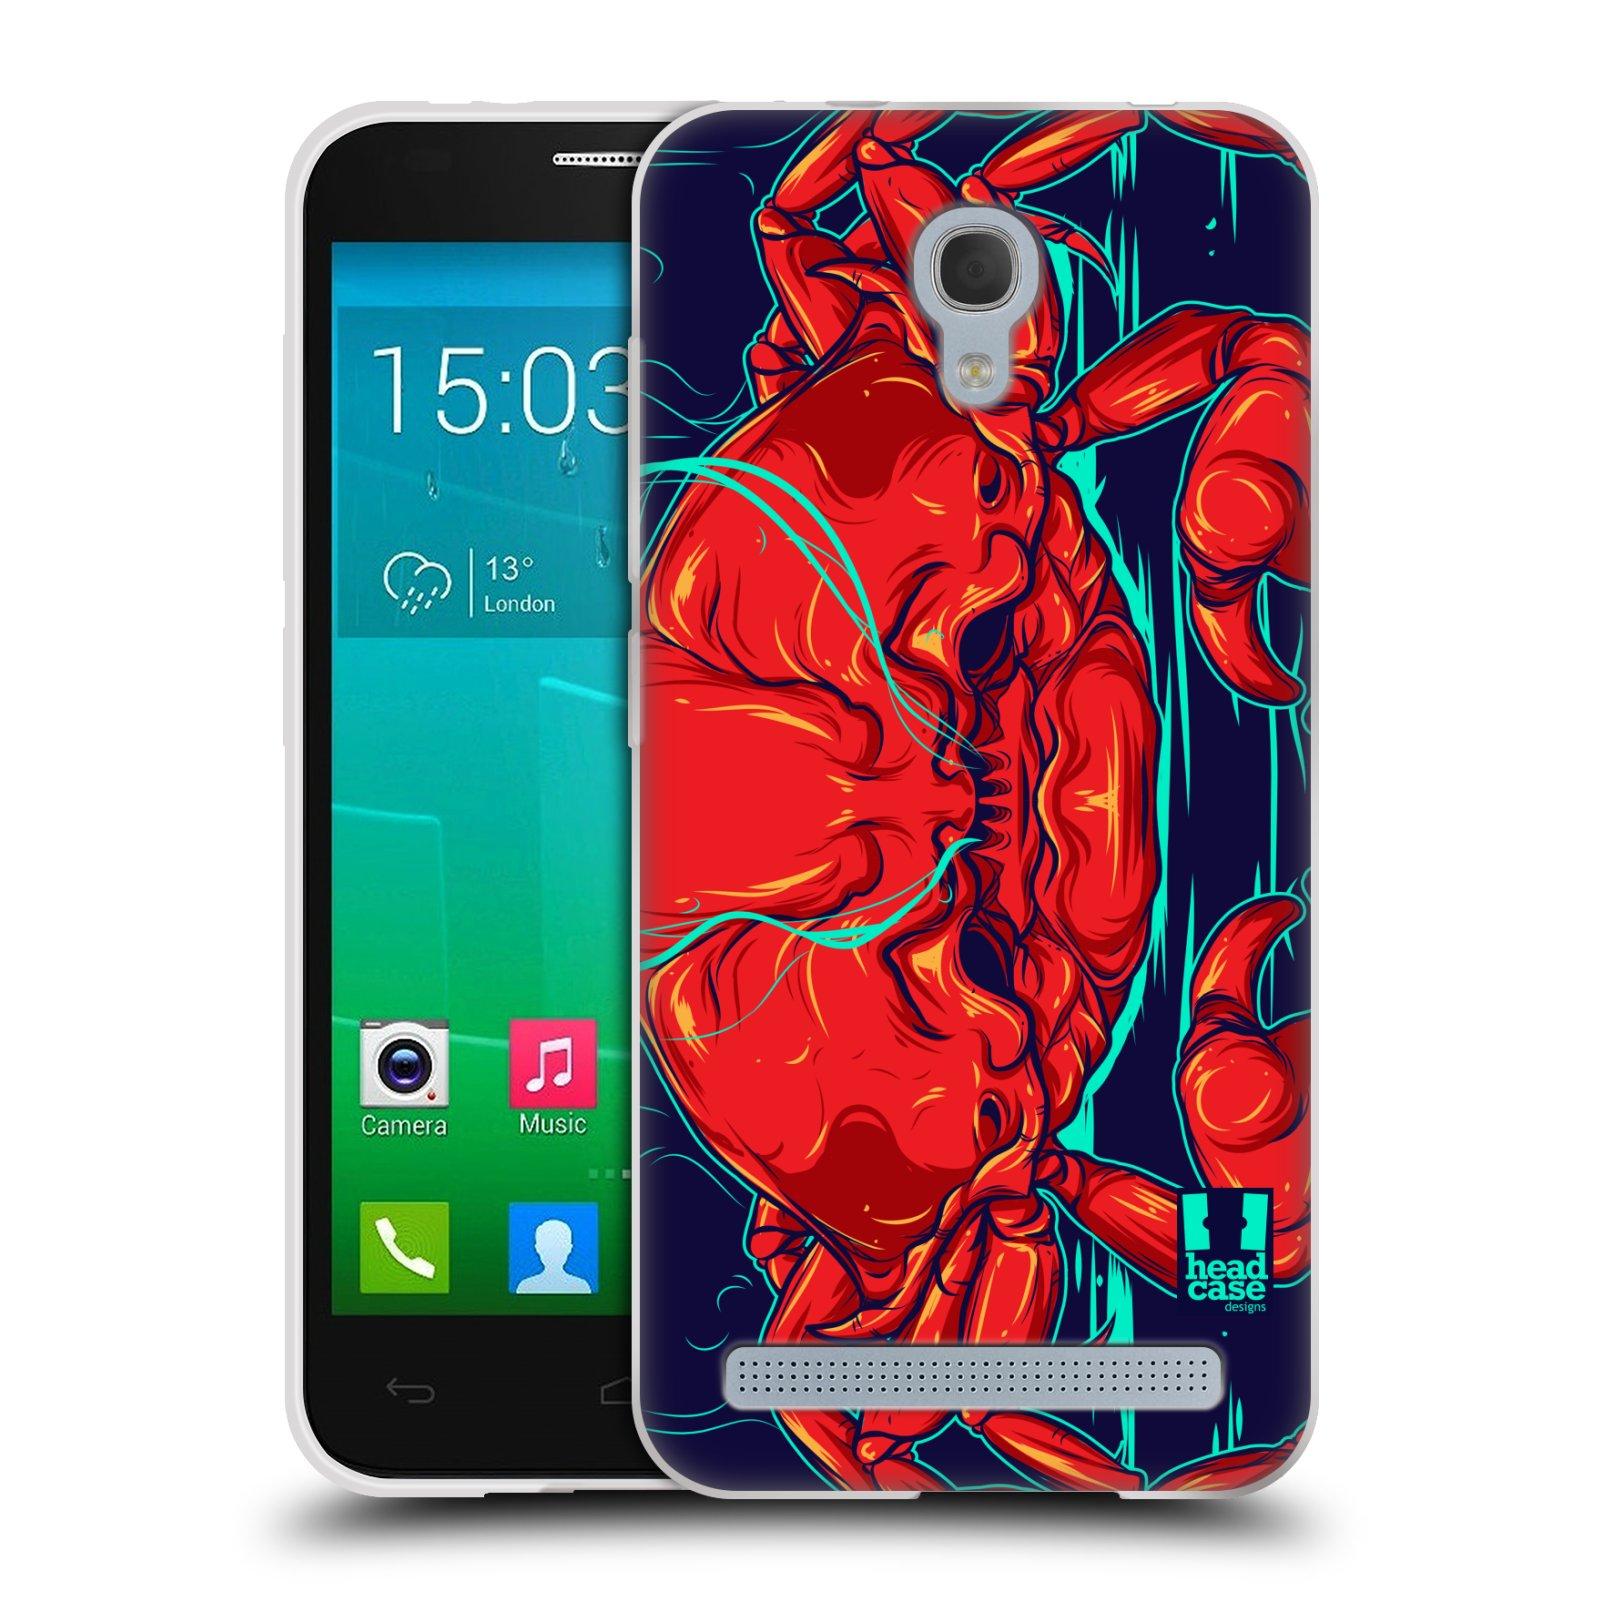 HEAD CASE silikonový obal na mobil Alcatel Idol 2 MINI S 6036Y vzor mořská monstra krab